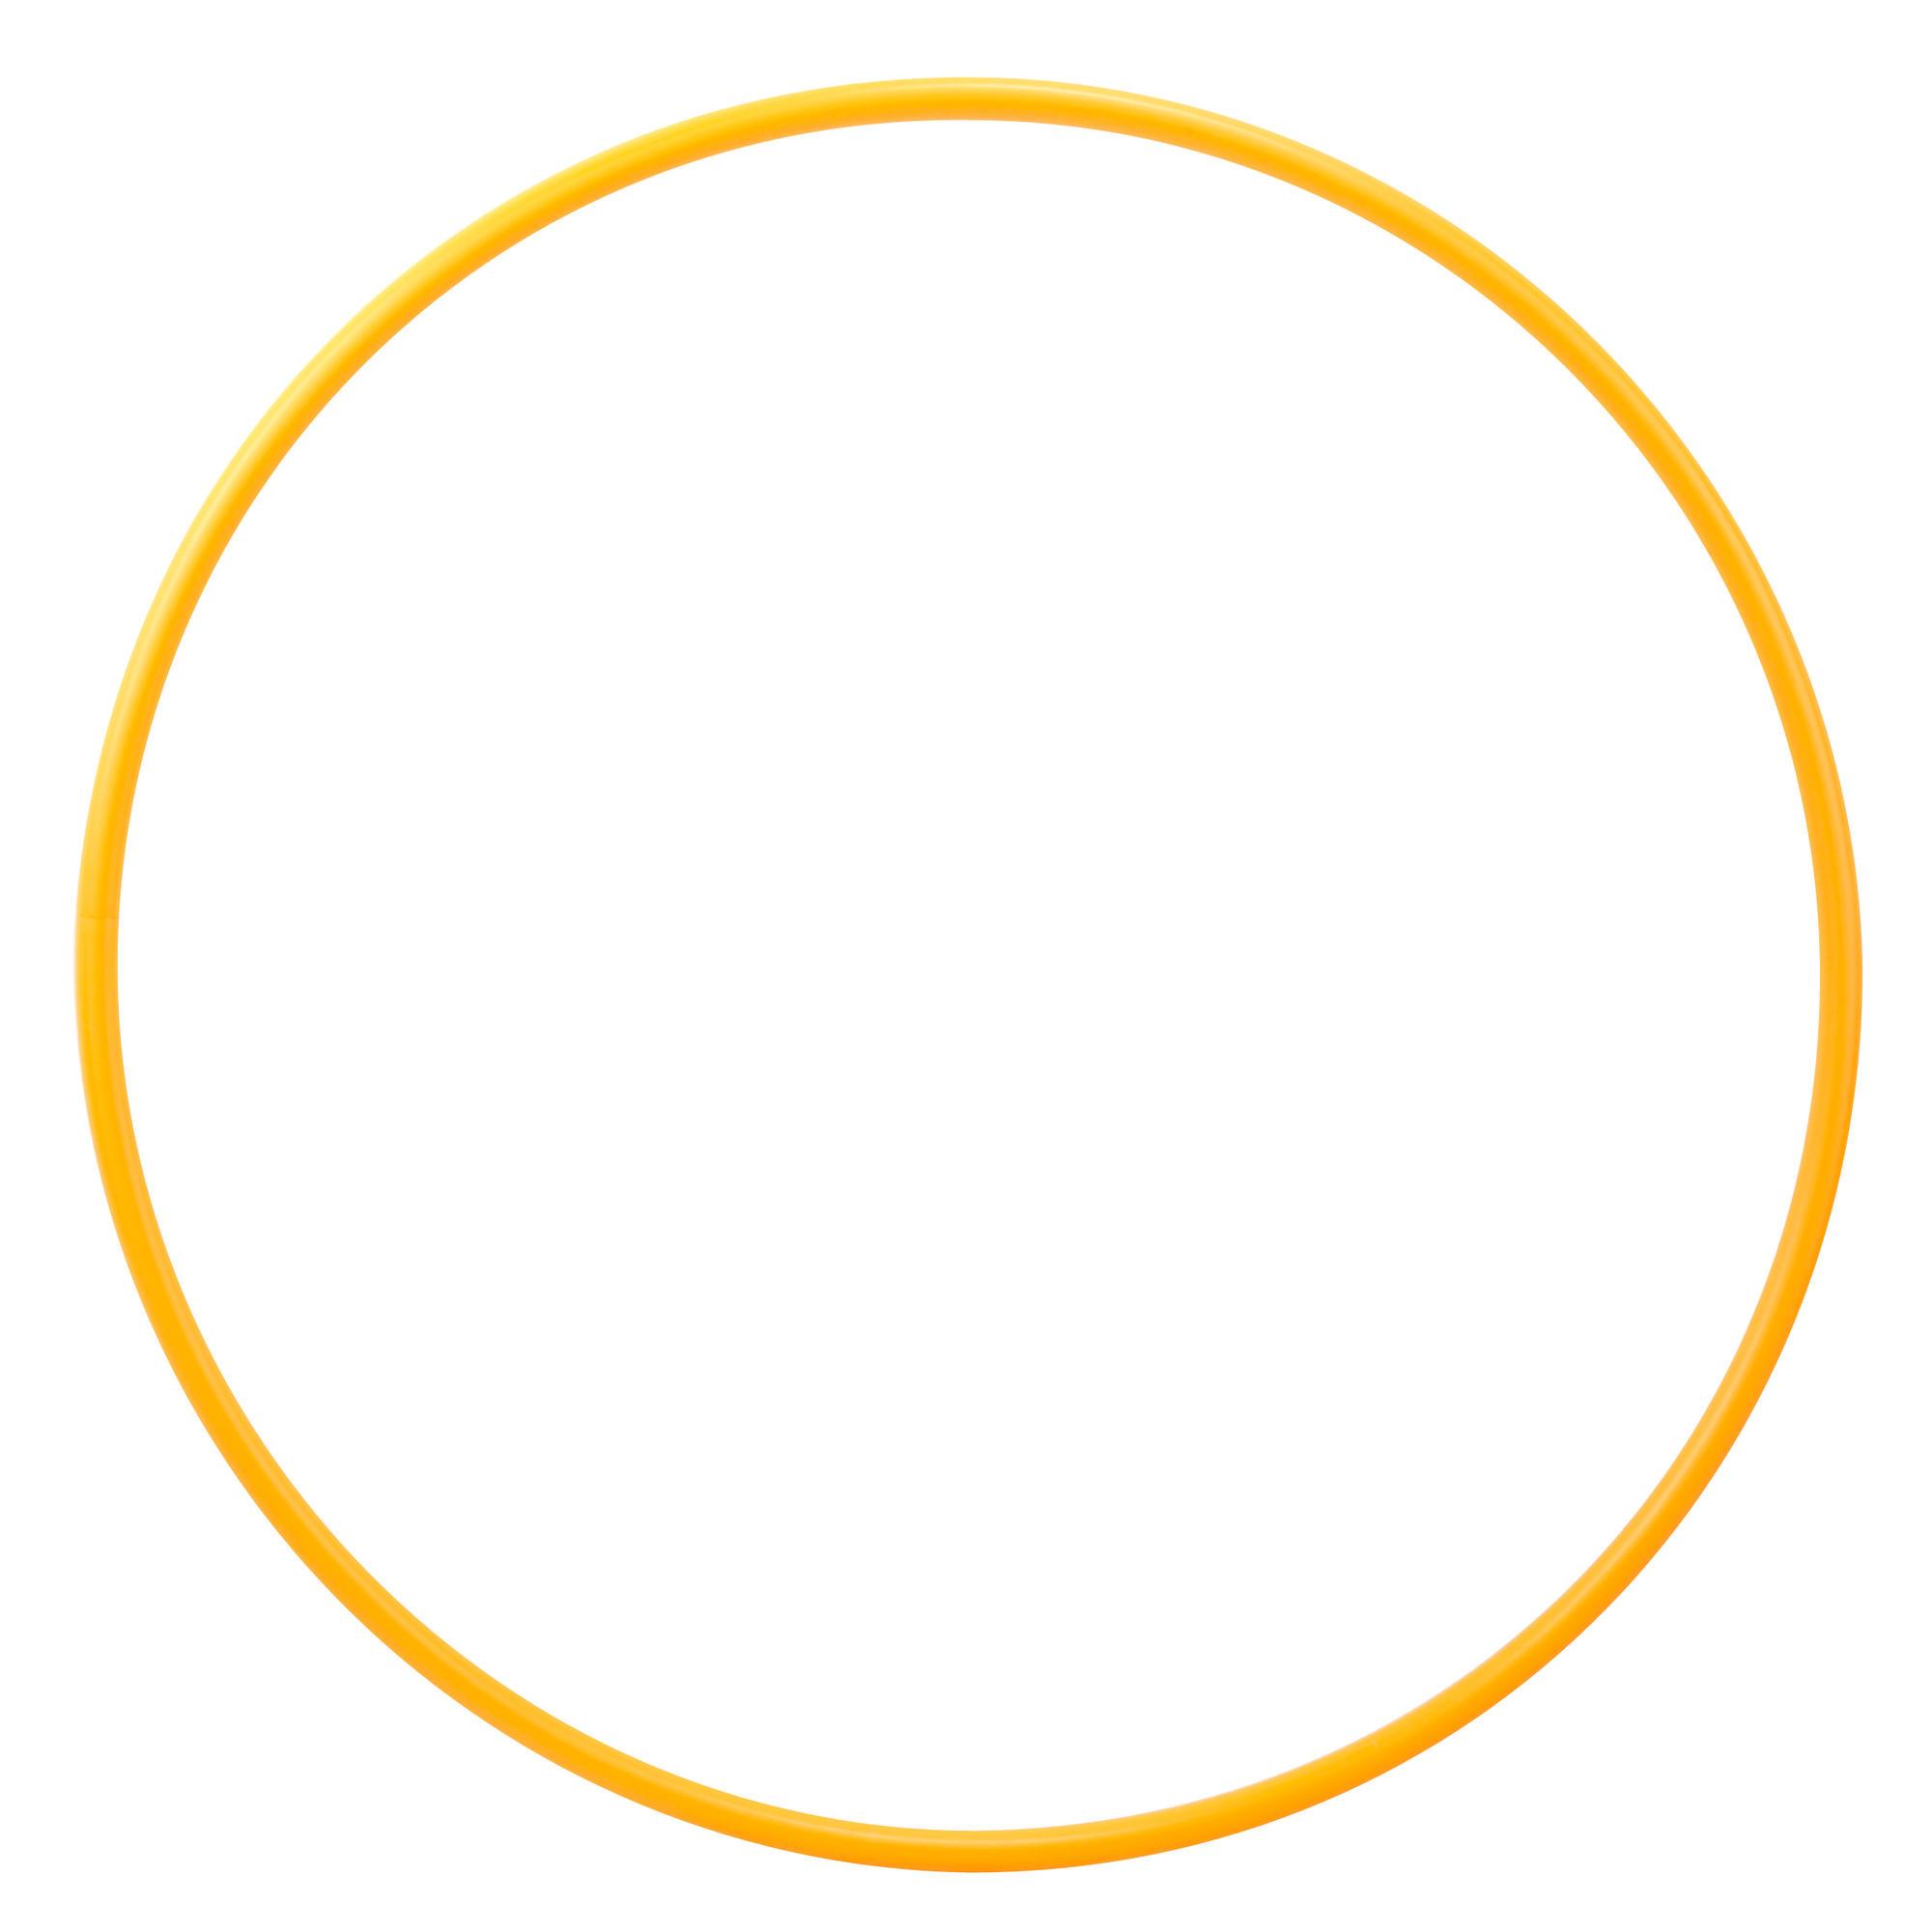 Rhythmic Gymnastics Hoop 75 cm - Orange | Domyos by Decathlon